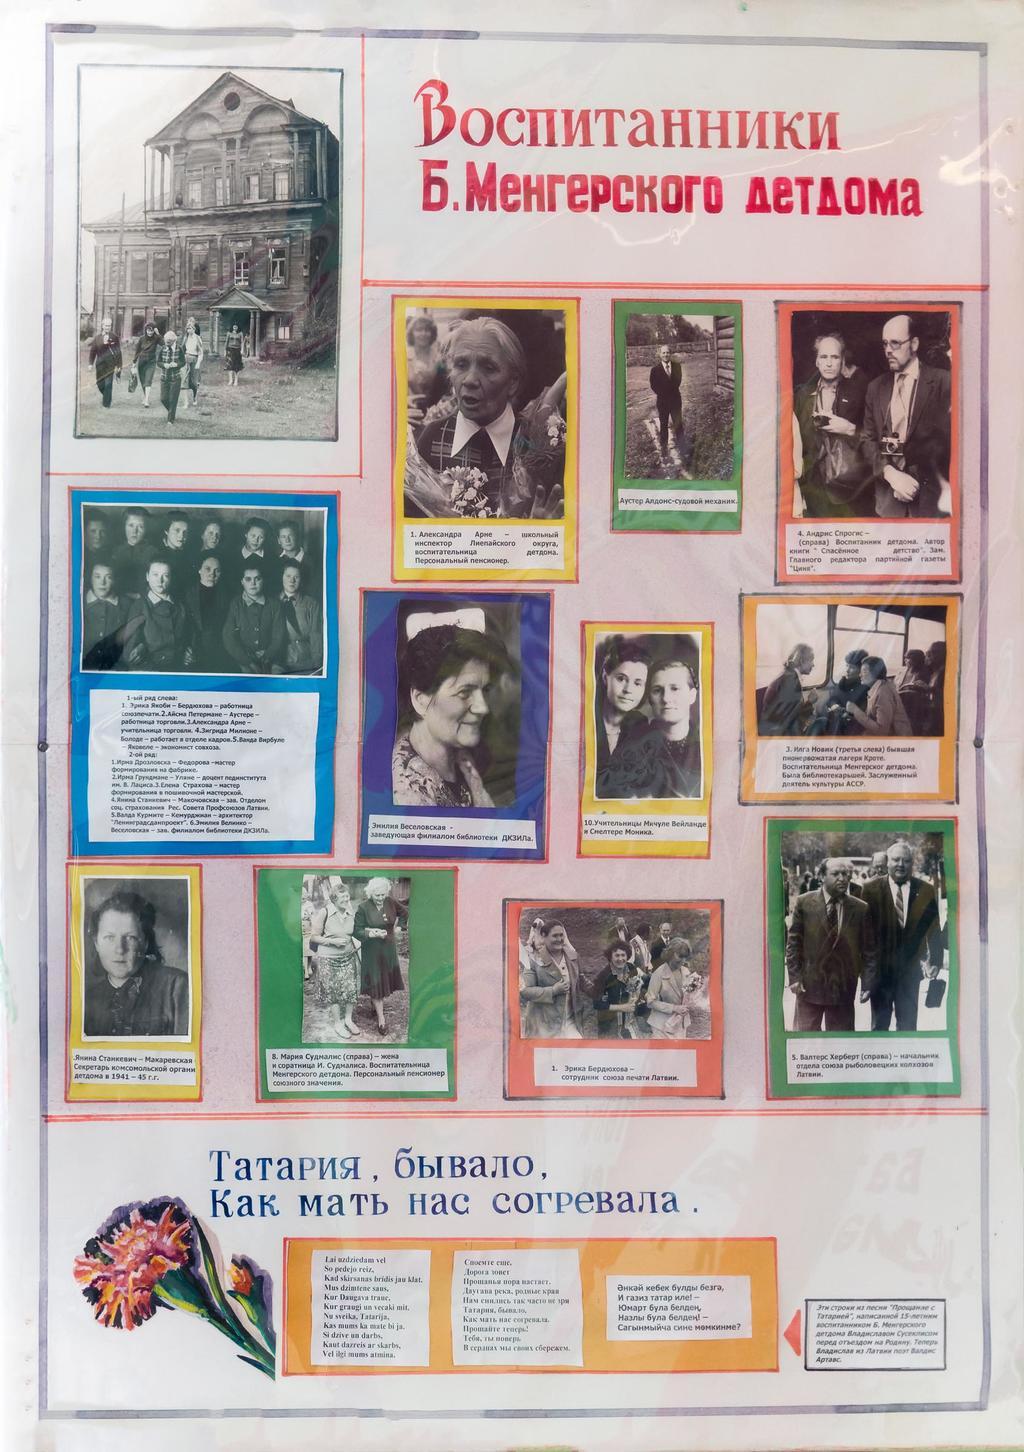 Стенд. «Воспитанники Большеменгерского детского дома». 2014 ©Tatfrontu.ru Photo Archive